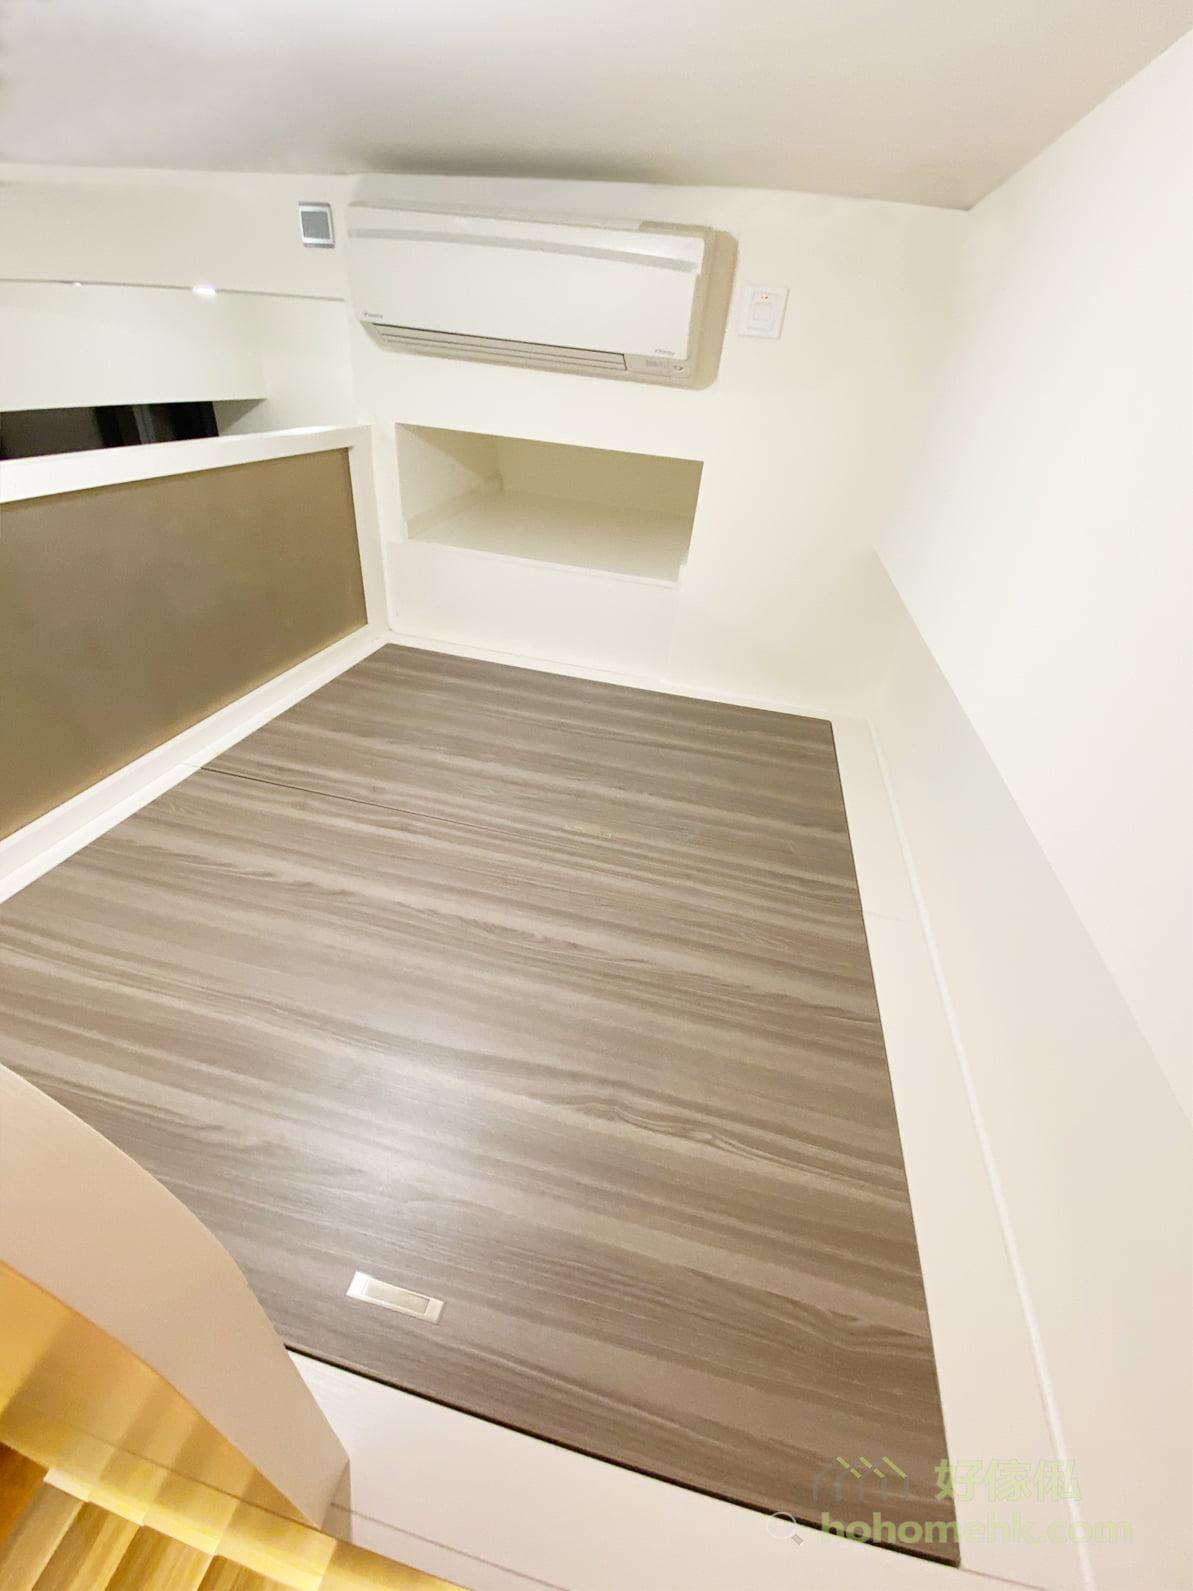 我們的閣樓床採用100%實木細芯夾板,是最實淨的板材,不像纖維板及蔗渣板會受潮、變形,加上閣樓層板用上優質加密的龍骨結構組成,再藏於床板之下,非常穩固,不論是睡在閣樓床上,抑或急步跑上閣樓,都不會感受到晃動,絕對安全可靠